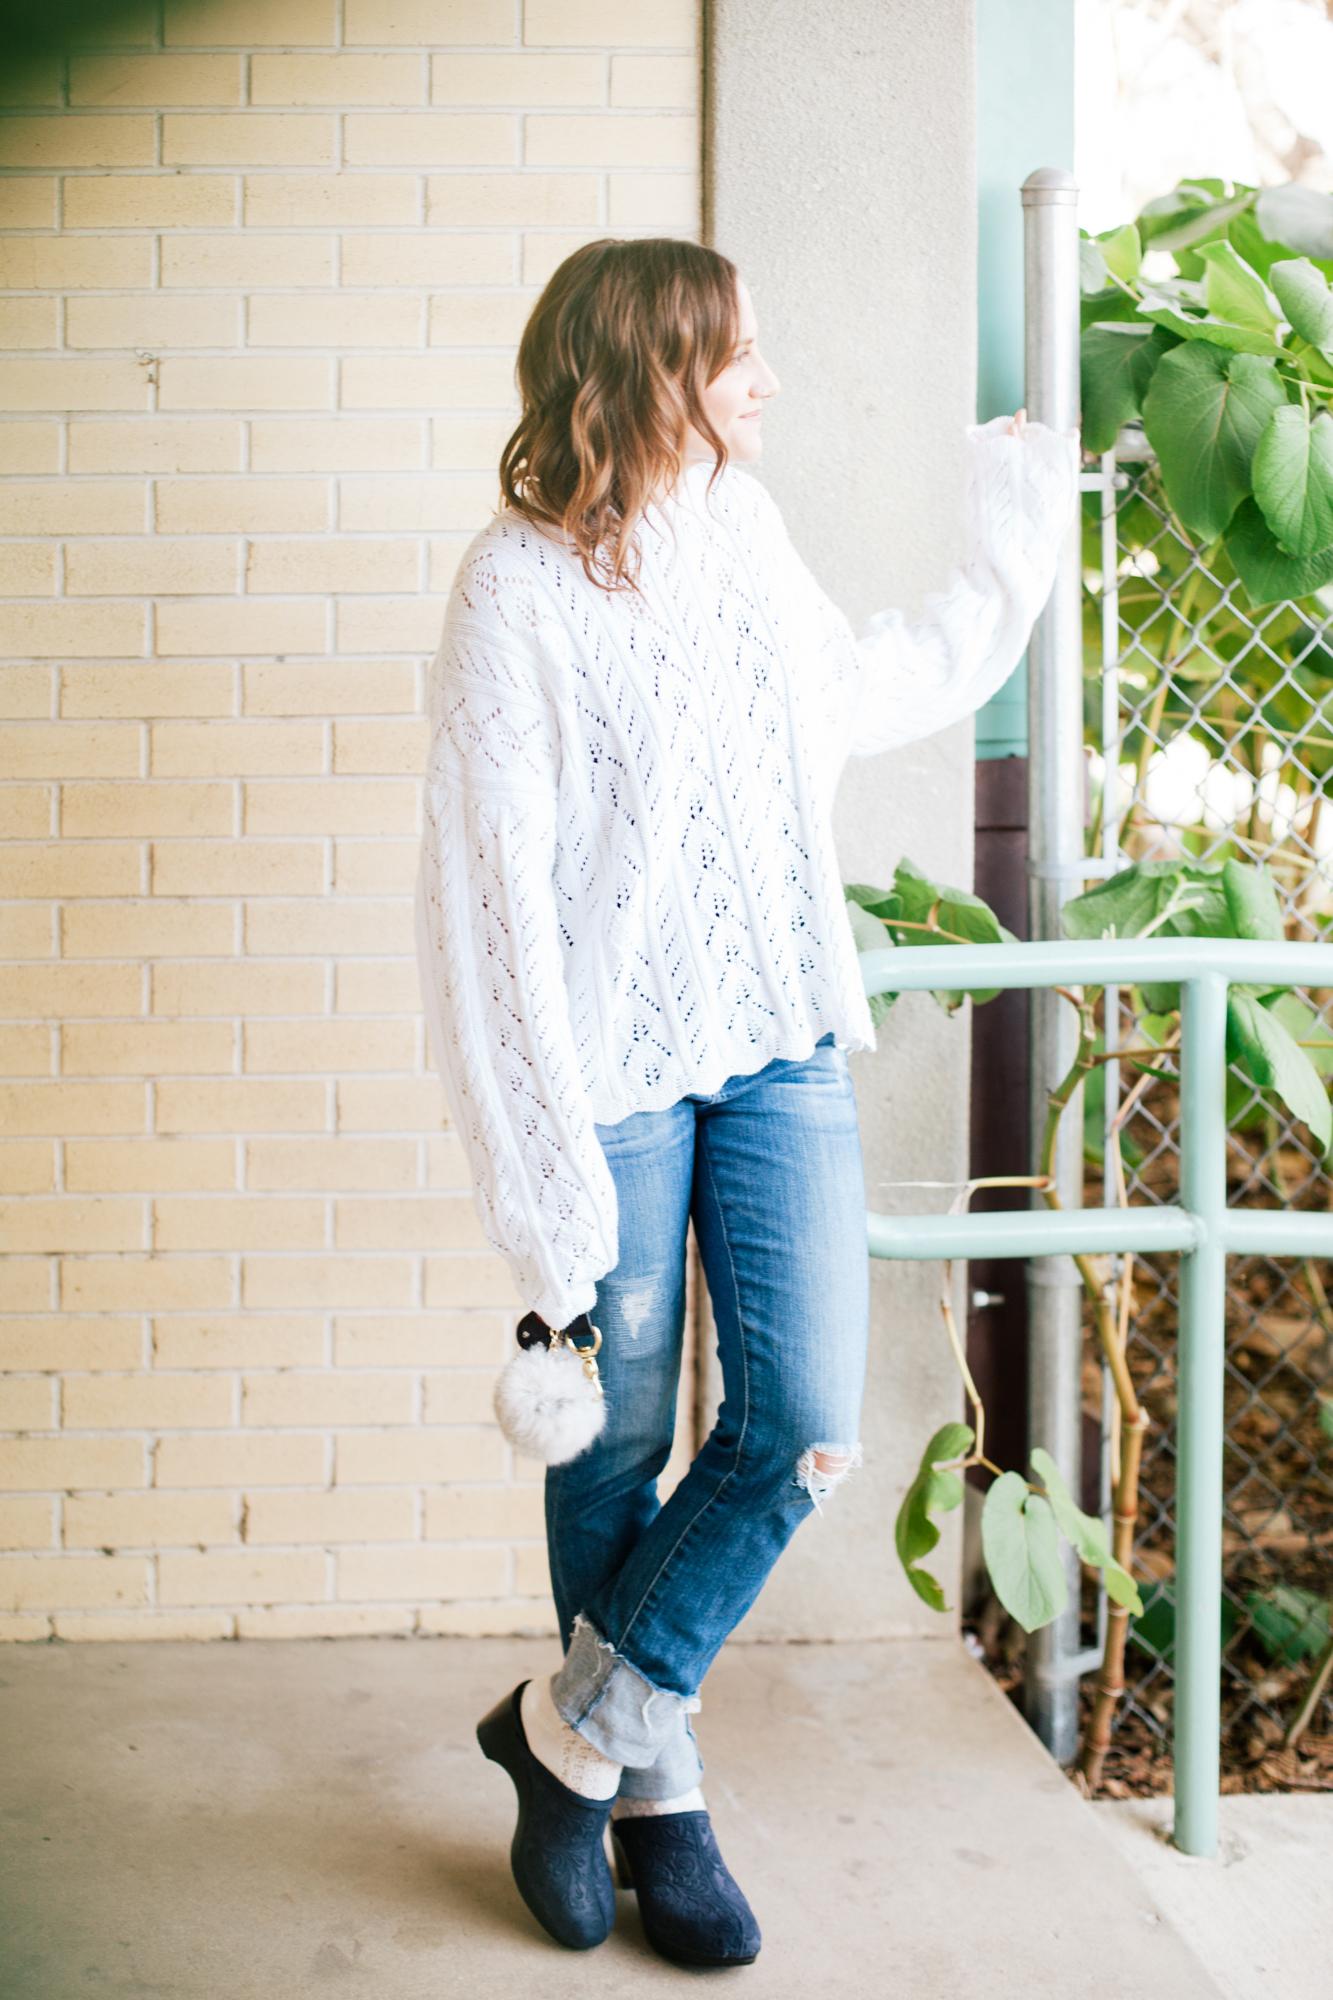 whitesweaterwarbyparkerglasses-4